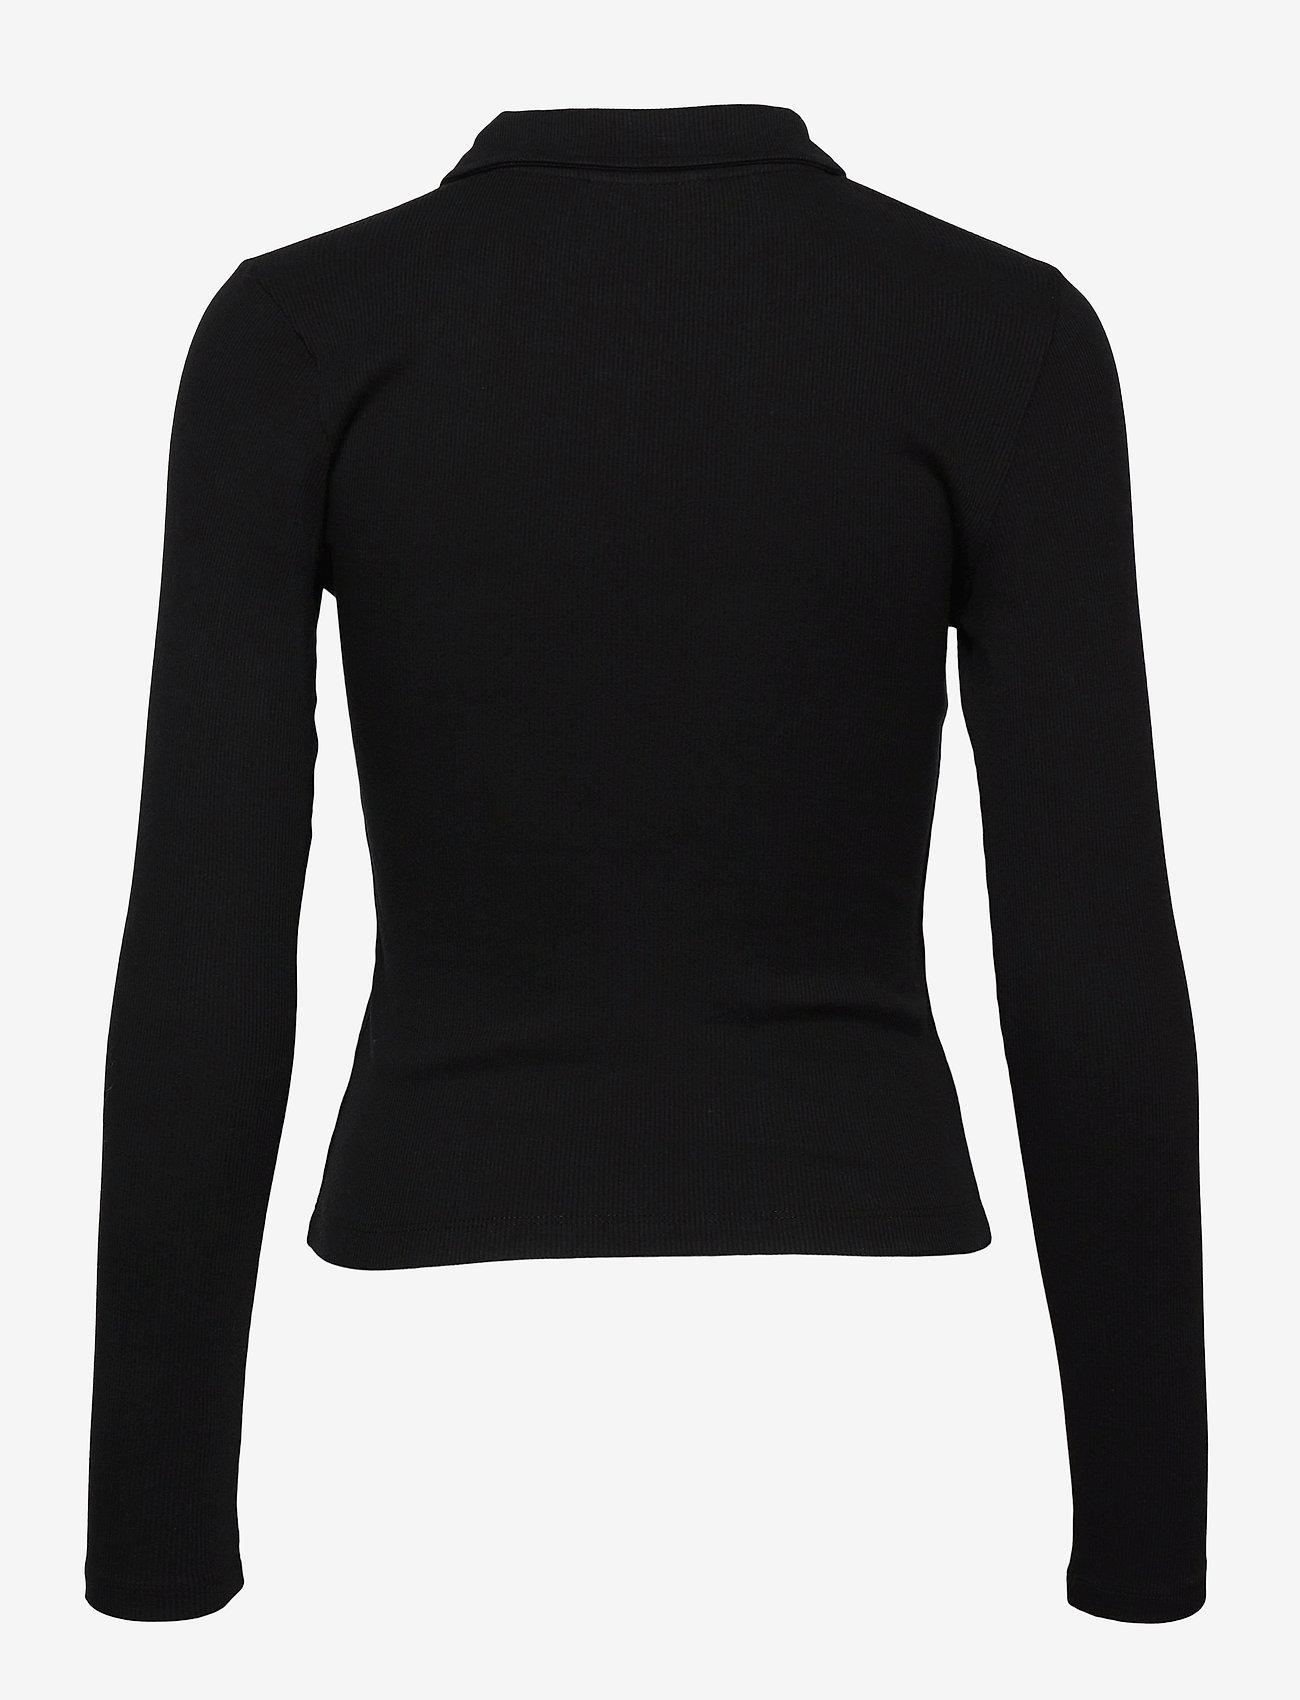 Gina Tricot - Bea top - polohemden - black (9000) - 1